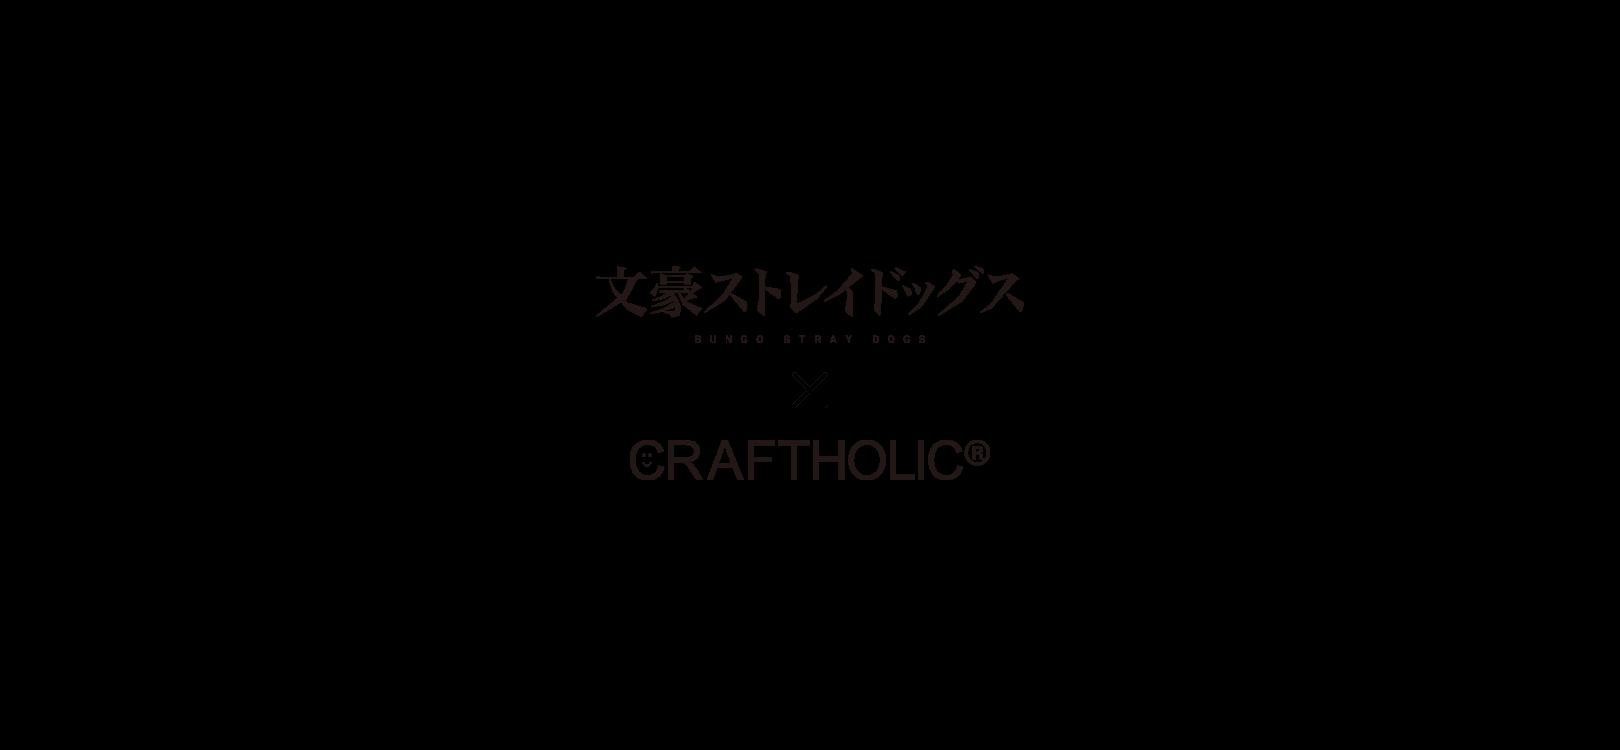 文豪ストレイドッグス × CRAFTHOLIC